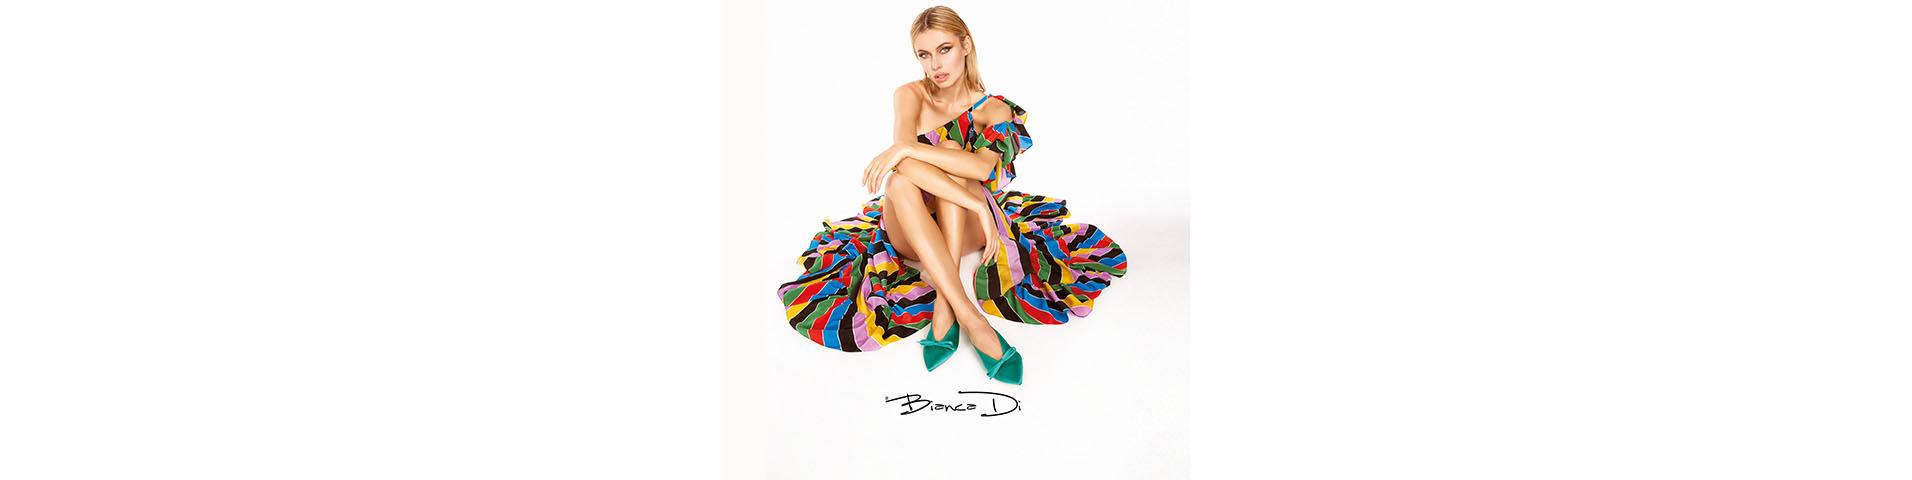 pretty nice 021ef 9c6b0 Scarpe donna Bianca Di | Grande assortimento di calzature su ...